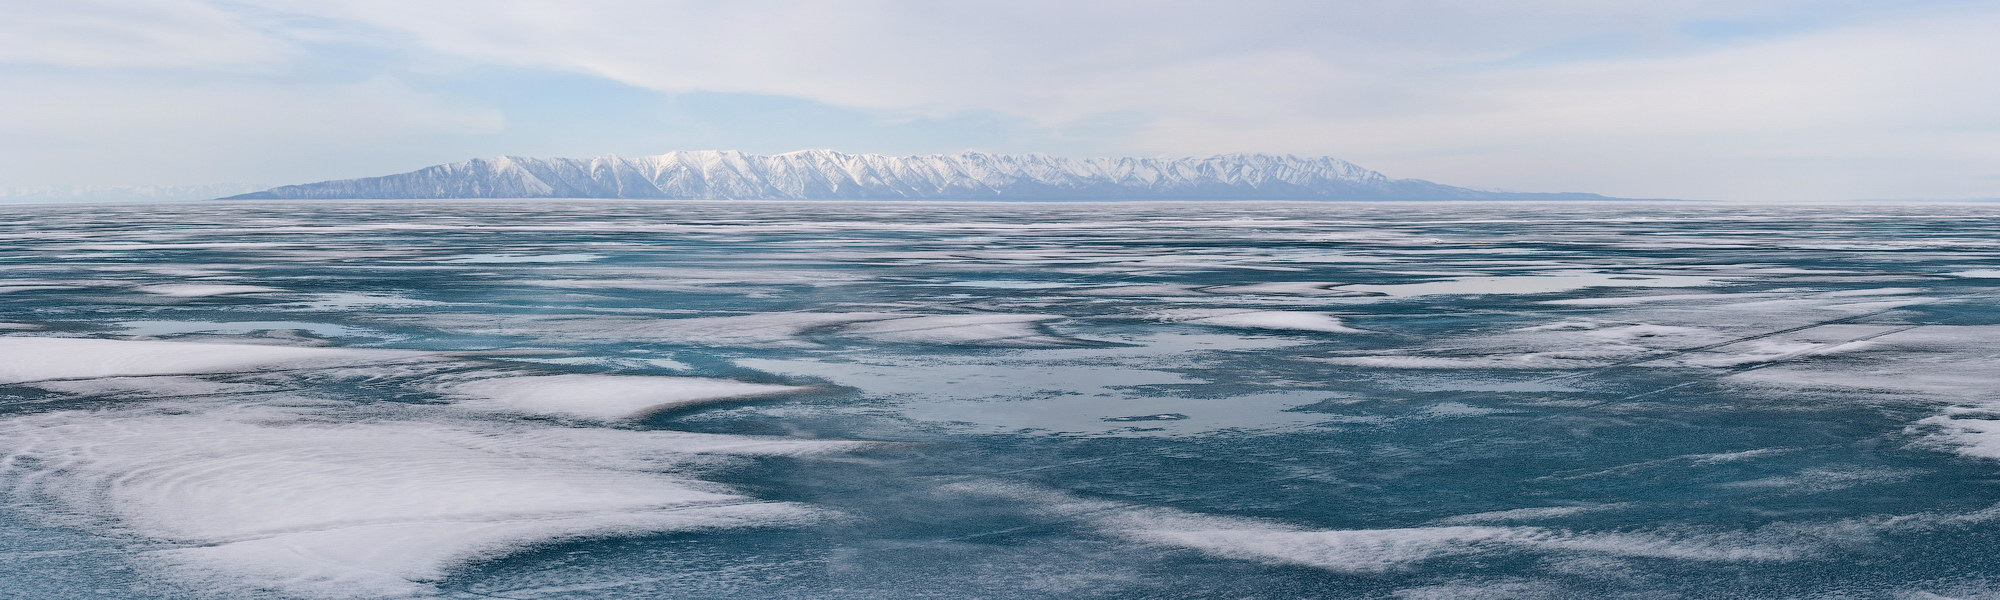 бурятия, байкал, полуостров, святой нос, весна, лёд, Олег Шубаров